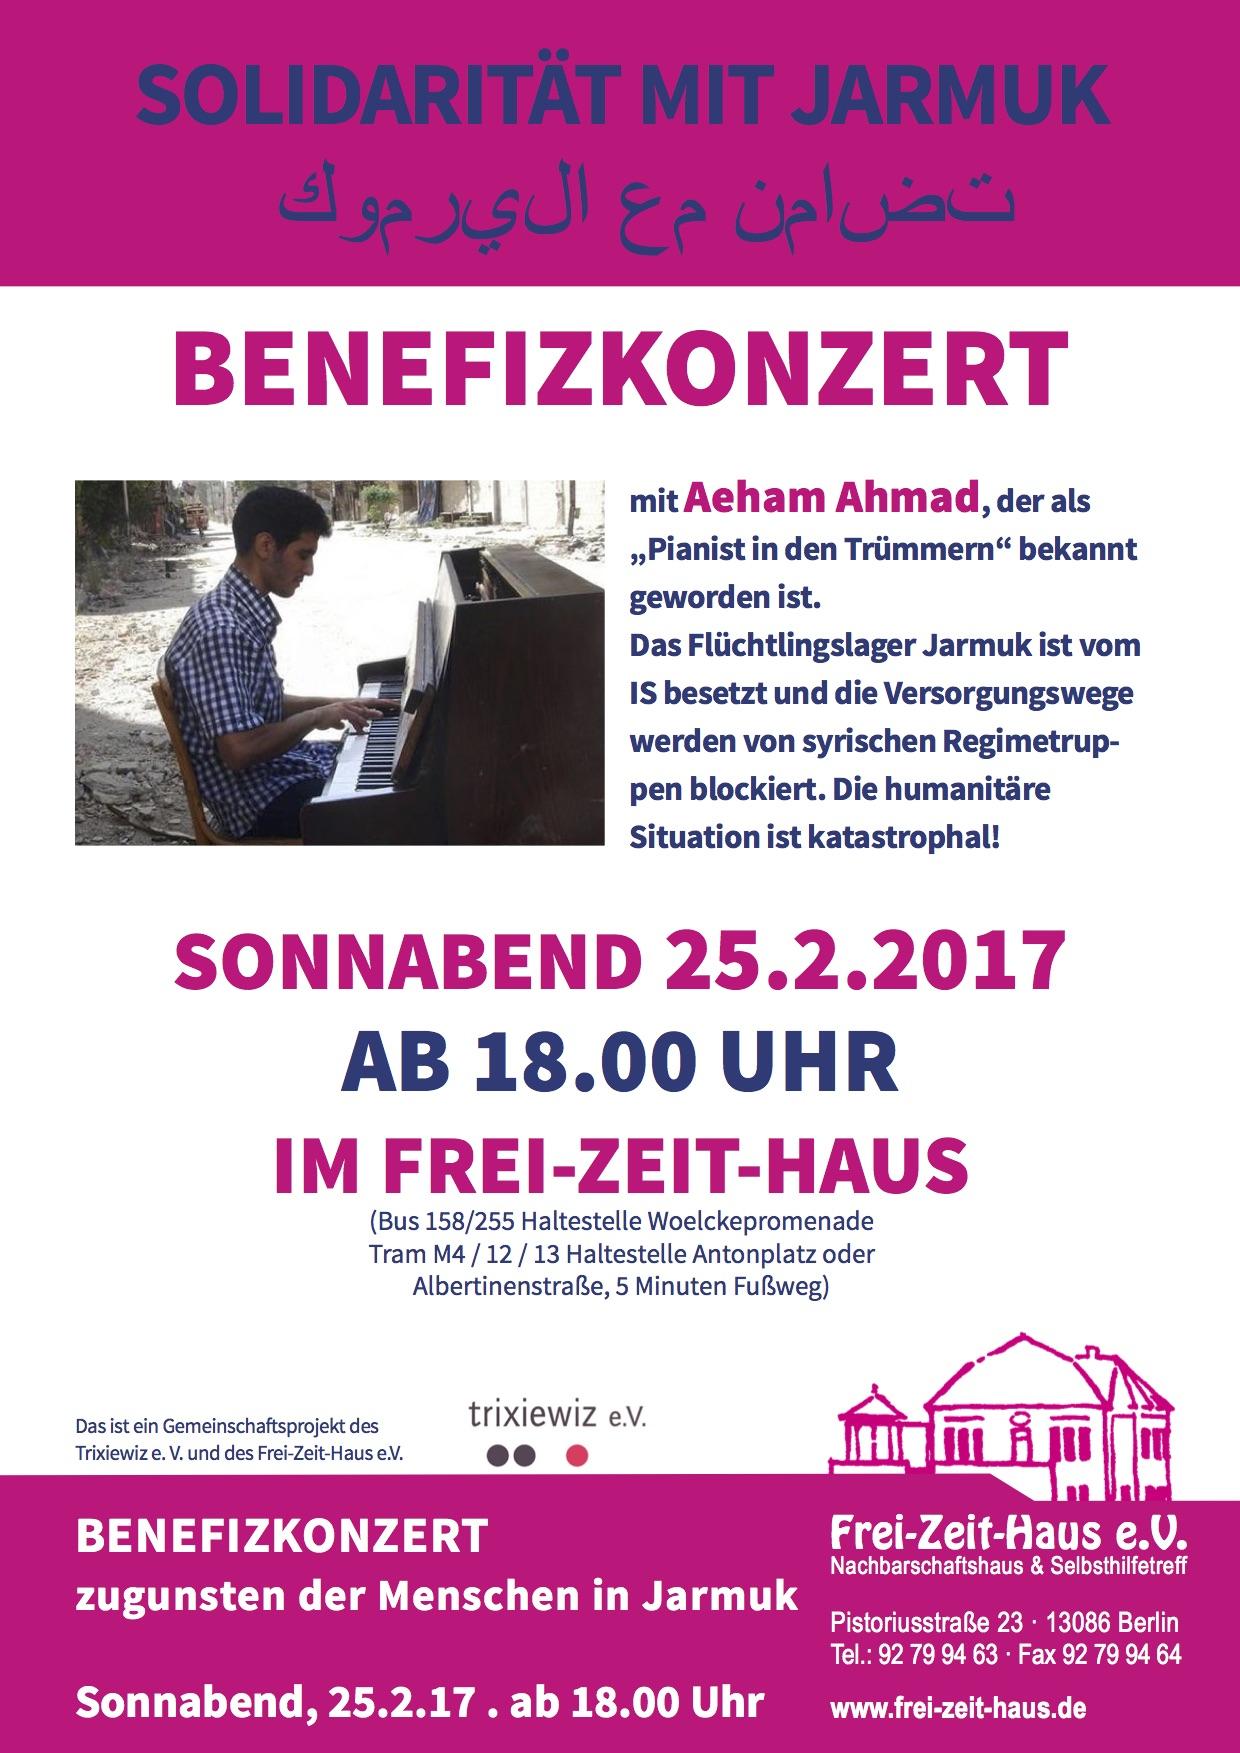 """25. Februar: Benefizkonzert """"Solidarität mit Jarmuk"""" im Frei-Zeit-Haus"""